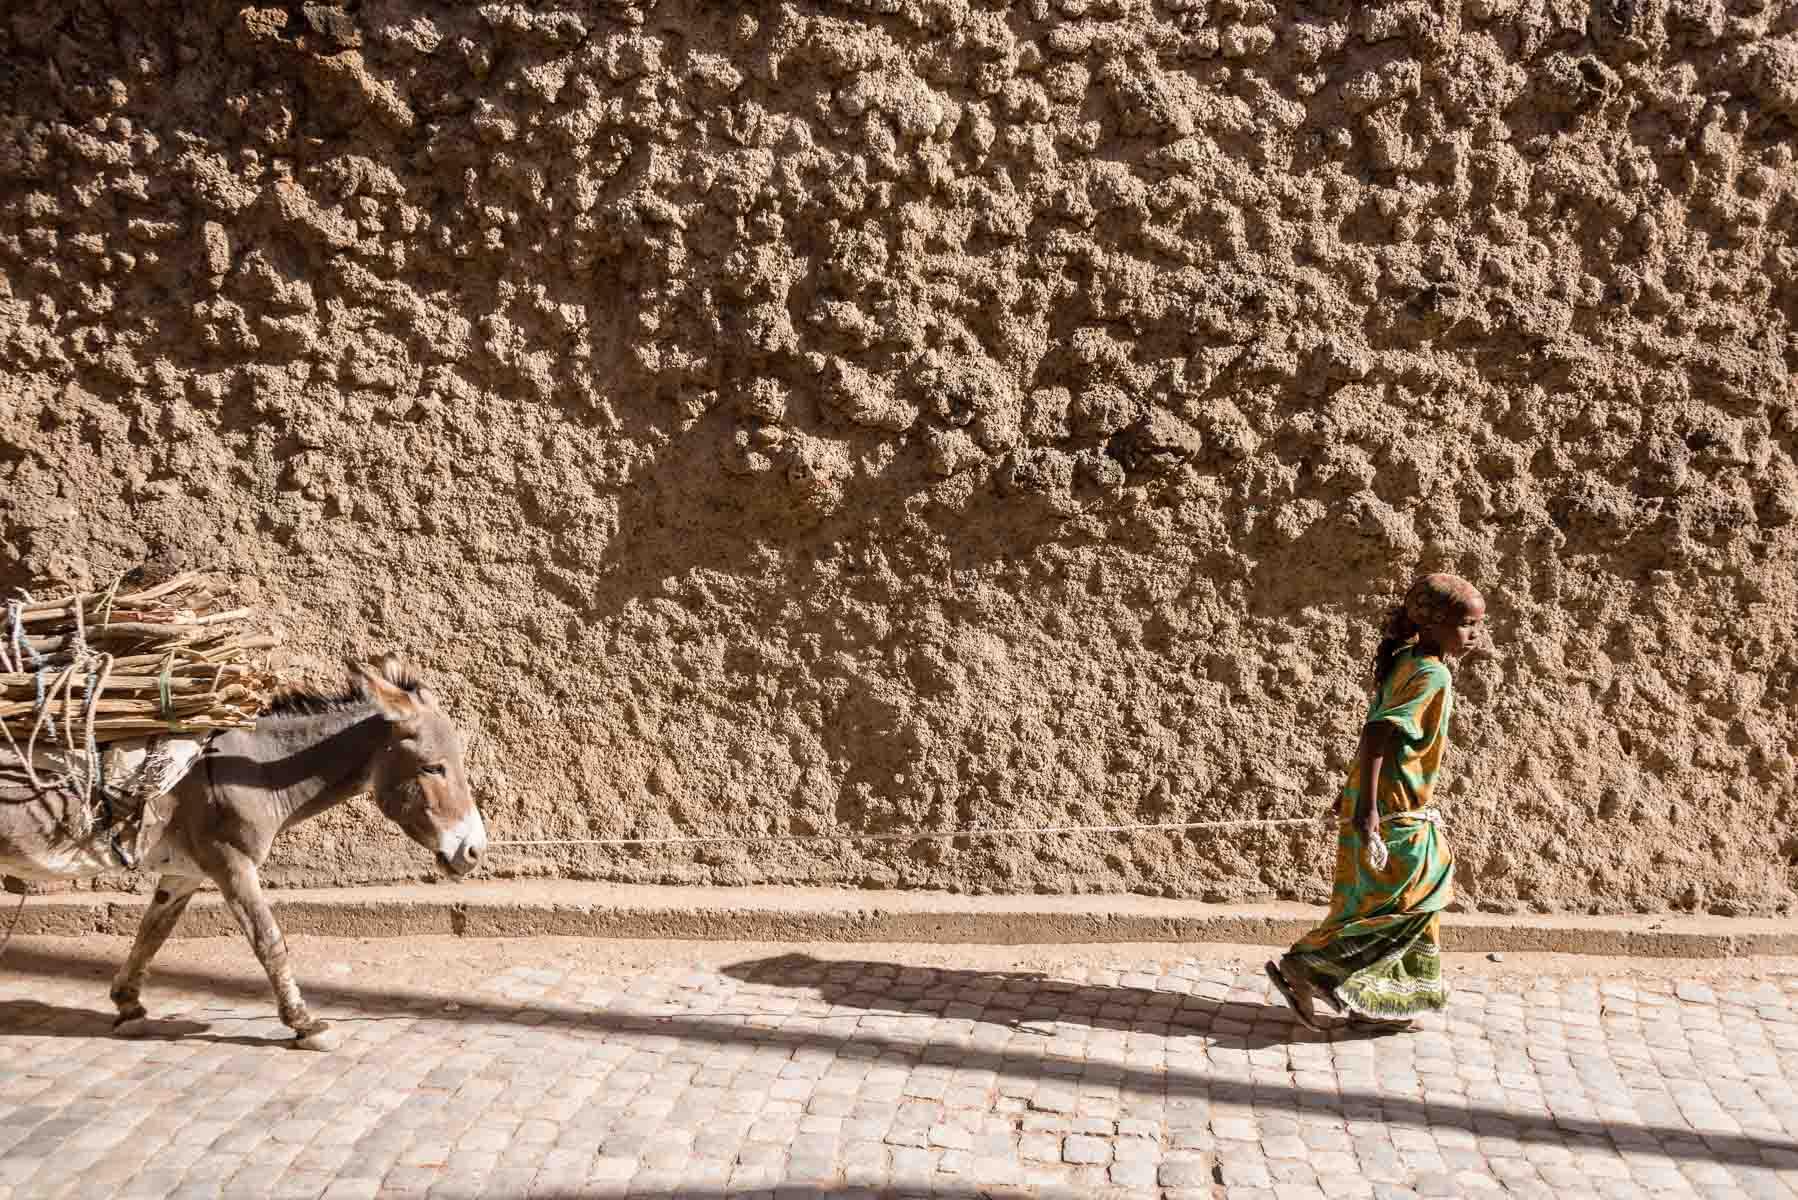 Christian Meixner Fotografie, Fotograf Zürich, Äthiopien, Harar, Esel, Mädchen, Reisen, Reisefotografie